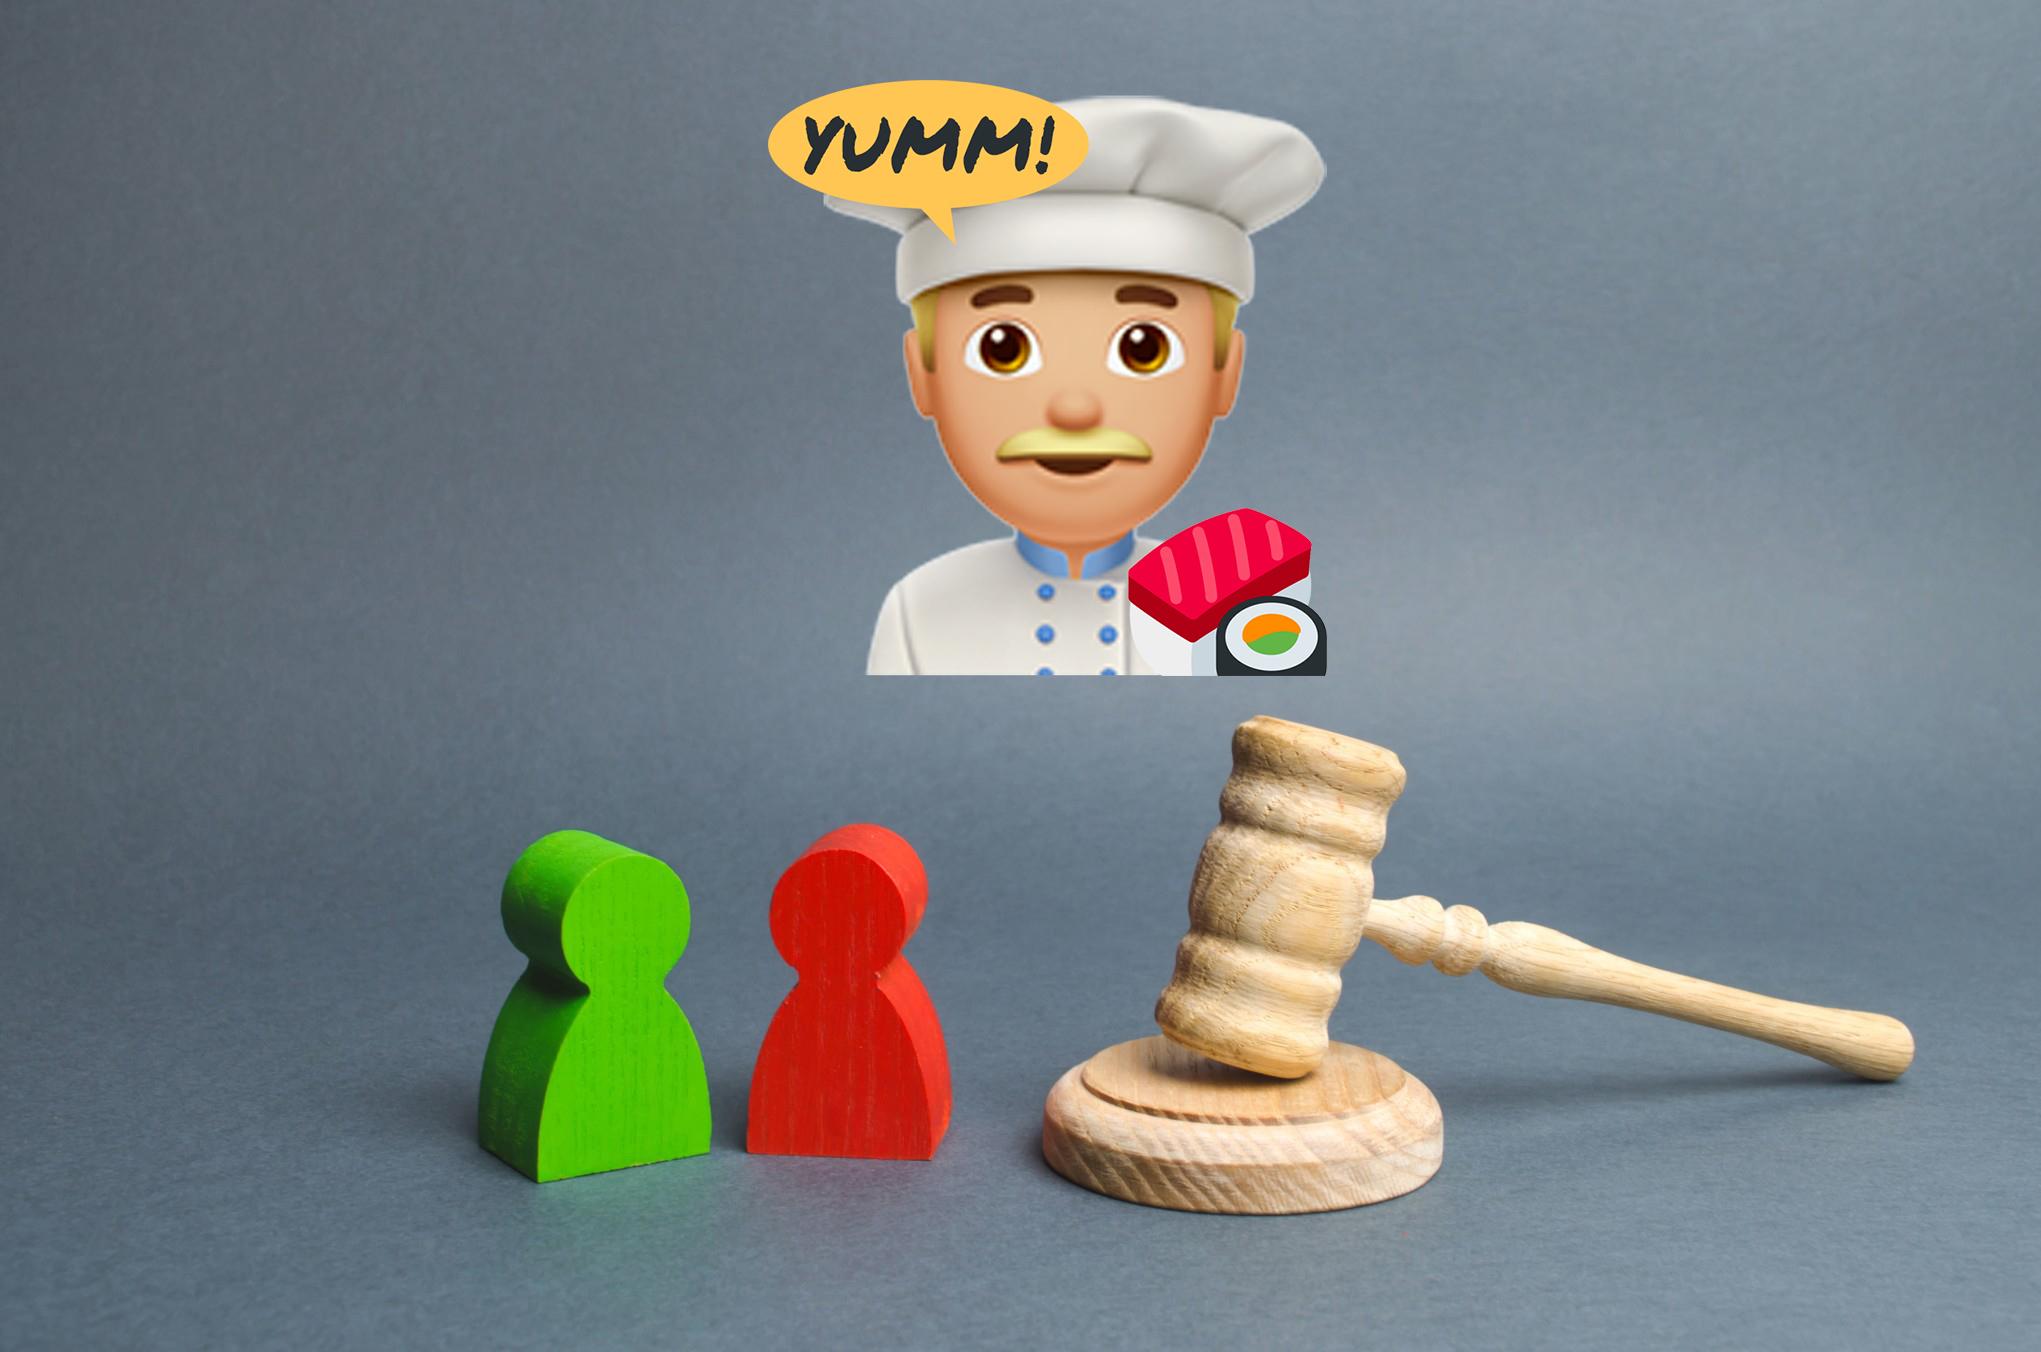 sushiswap sushi davalik oluyor gelistiricisinin kimligi aciga cikacak mi